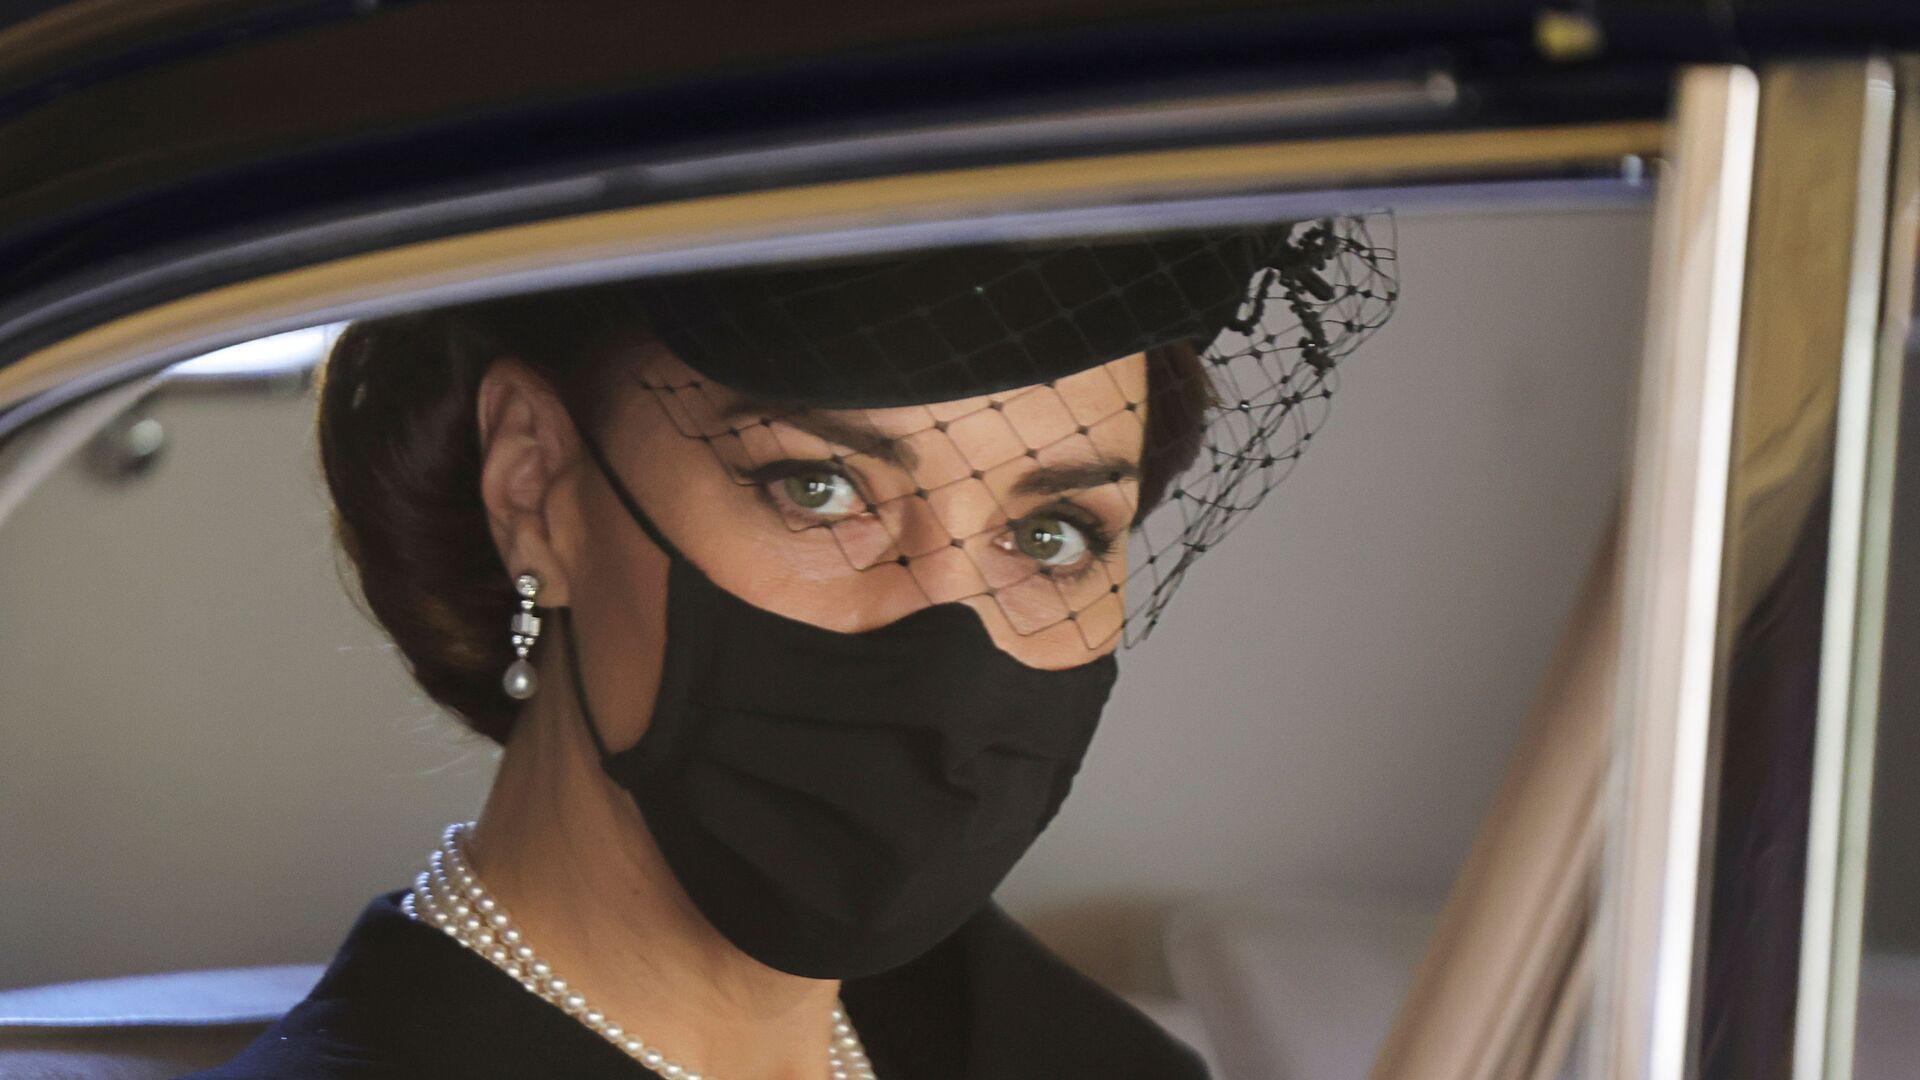 Kate Middletonová na pohřbu prince Philipa - Sputnik Česká republika, 1920, 23.04.2021